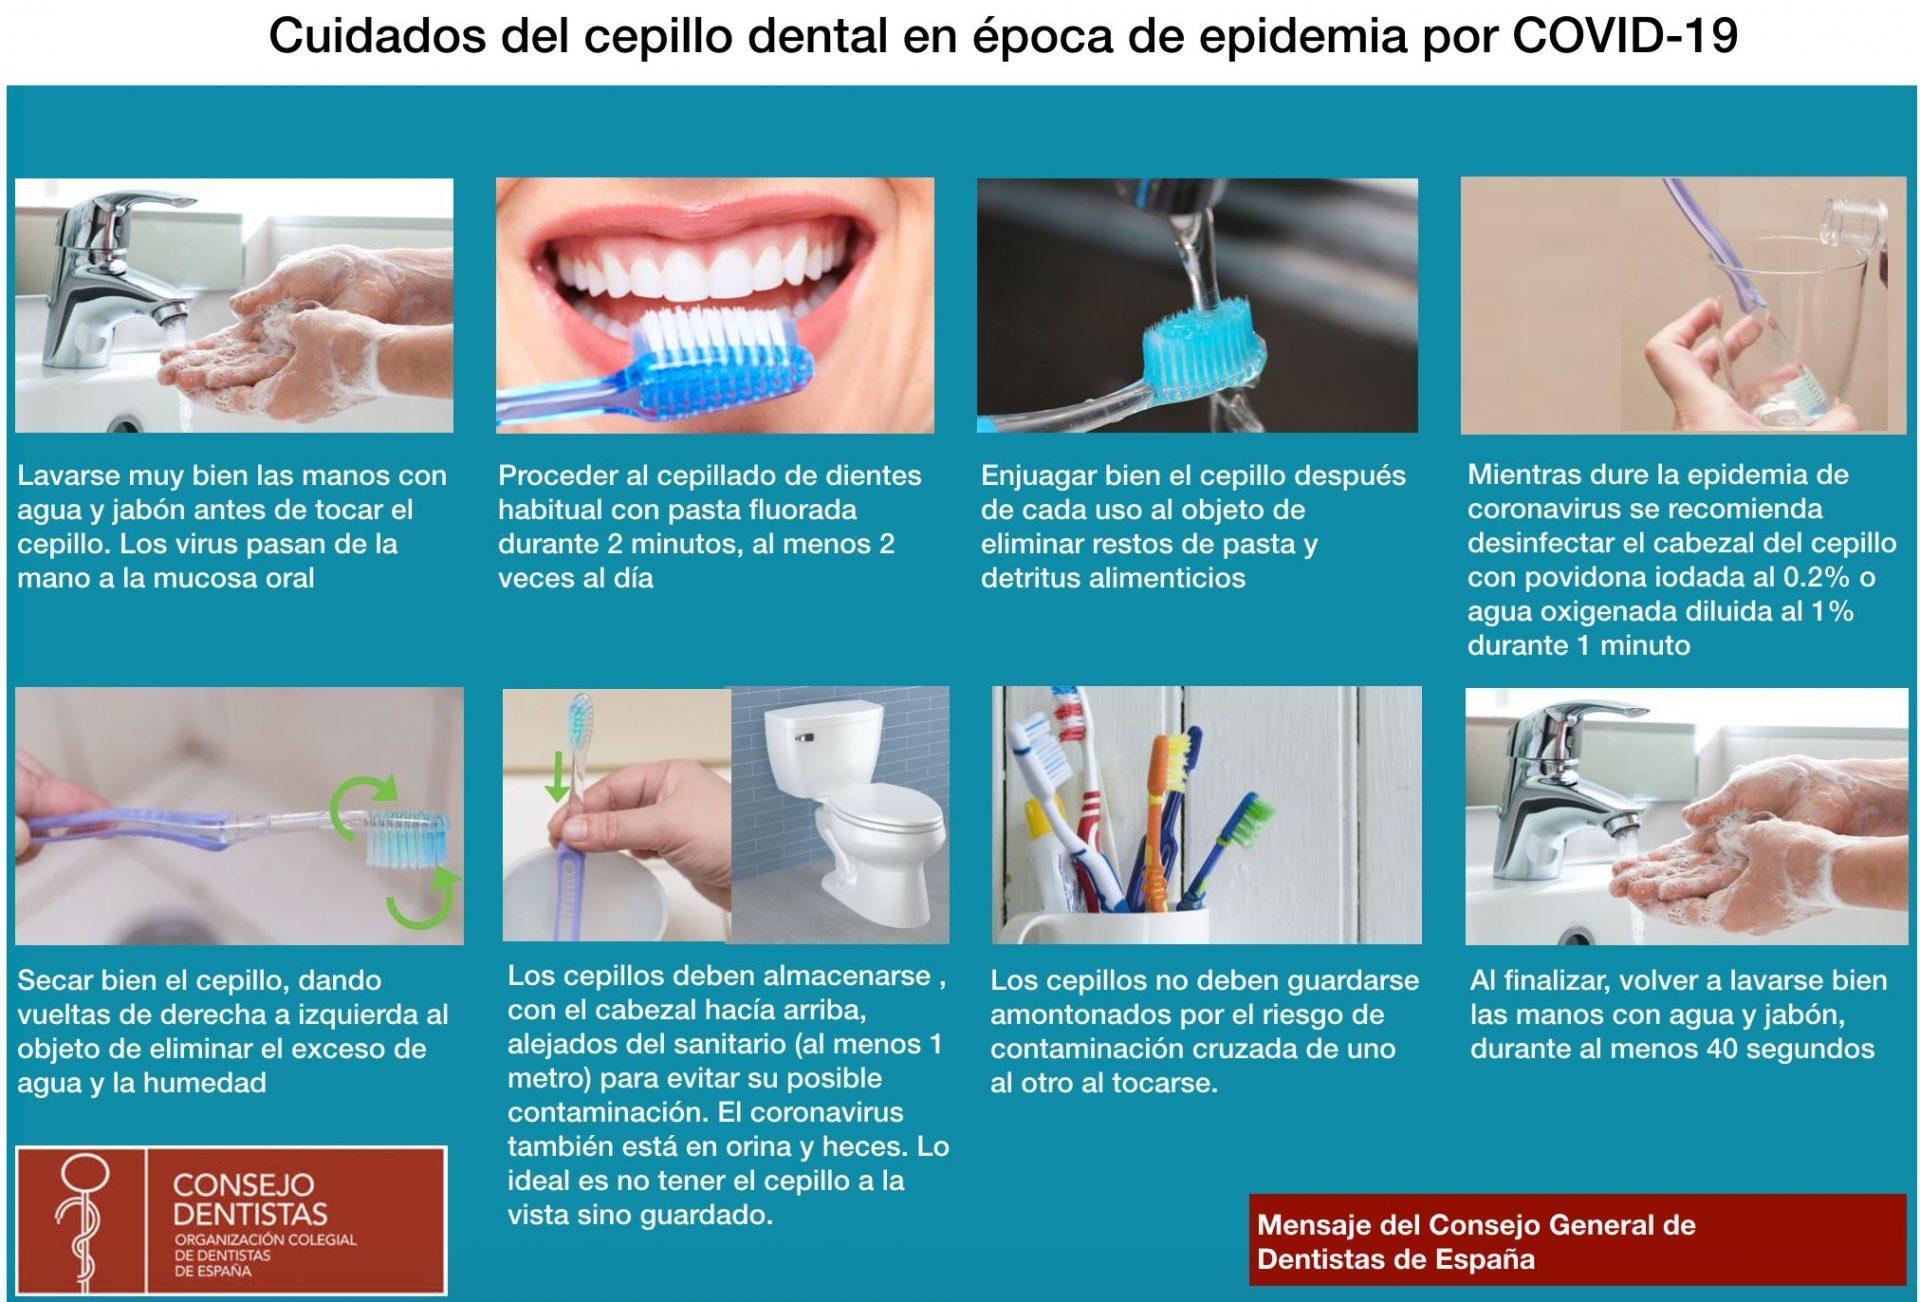 ¿Cómo cuidar el cepillo de dientes en época de epidemia por COVID-19?